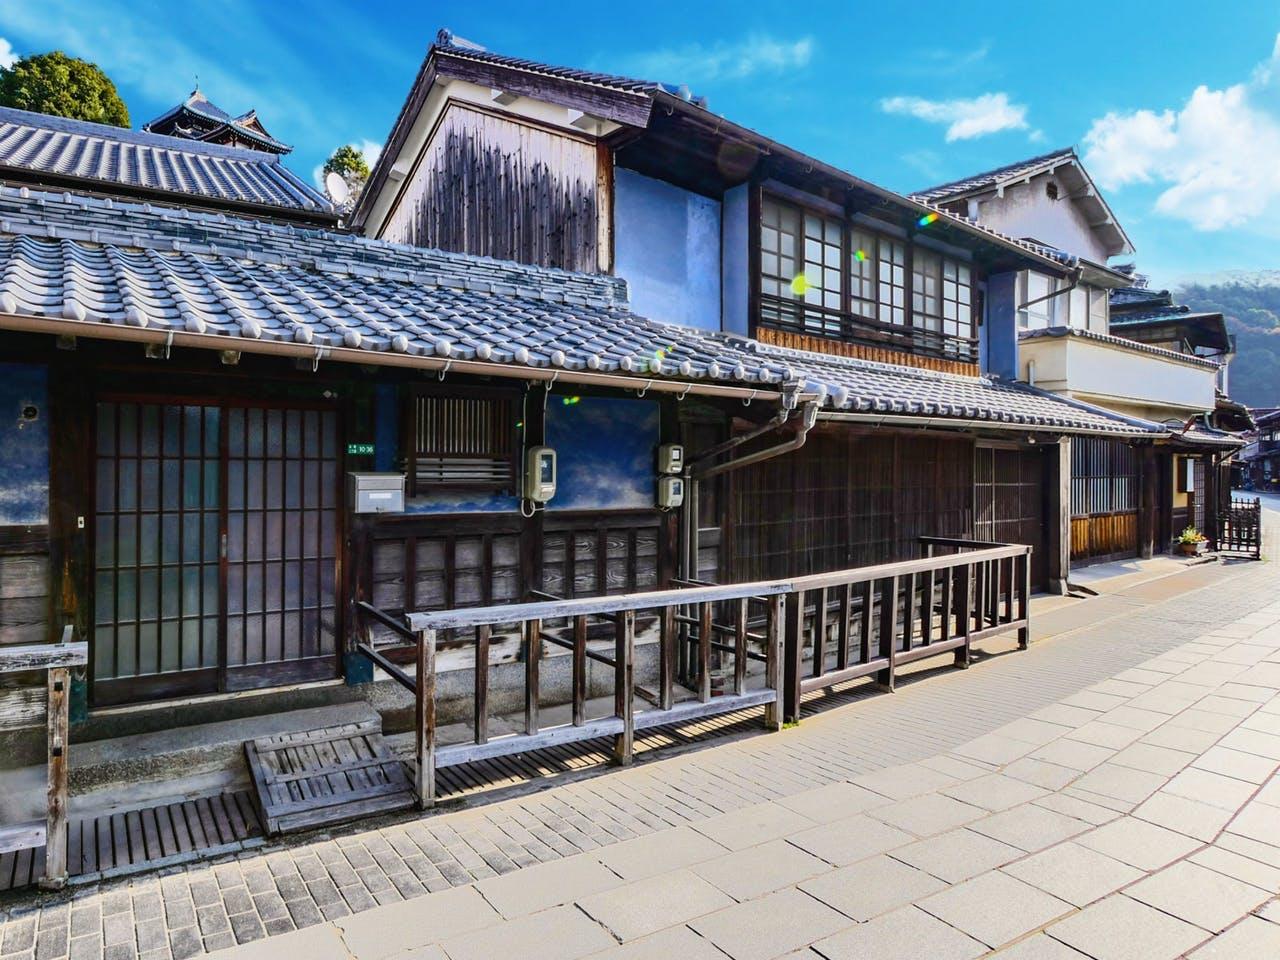 広島・竹原で、瀬戸内の美味と伝統ある街並みを楽しむ宿